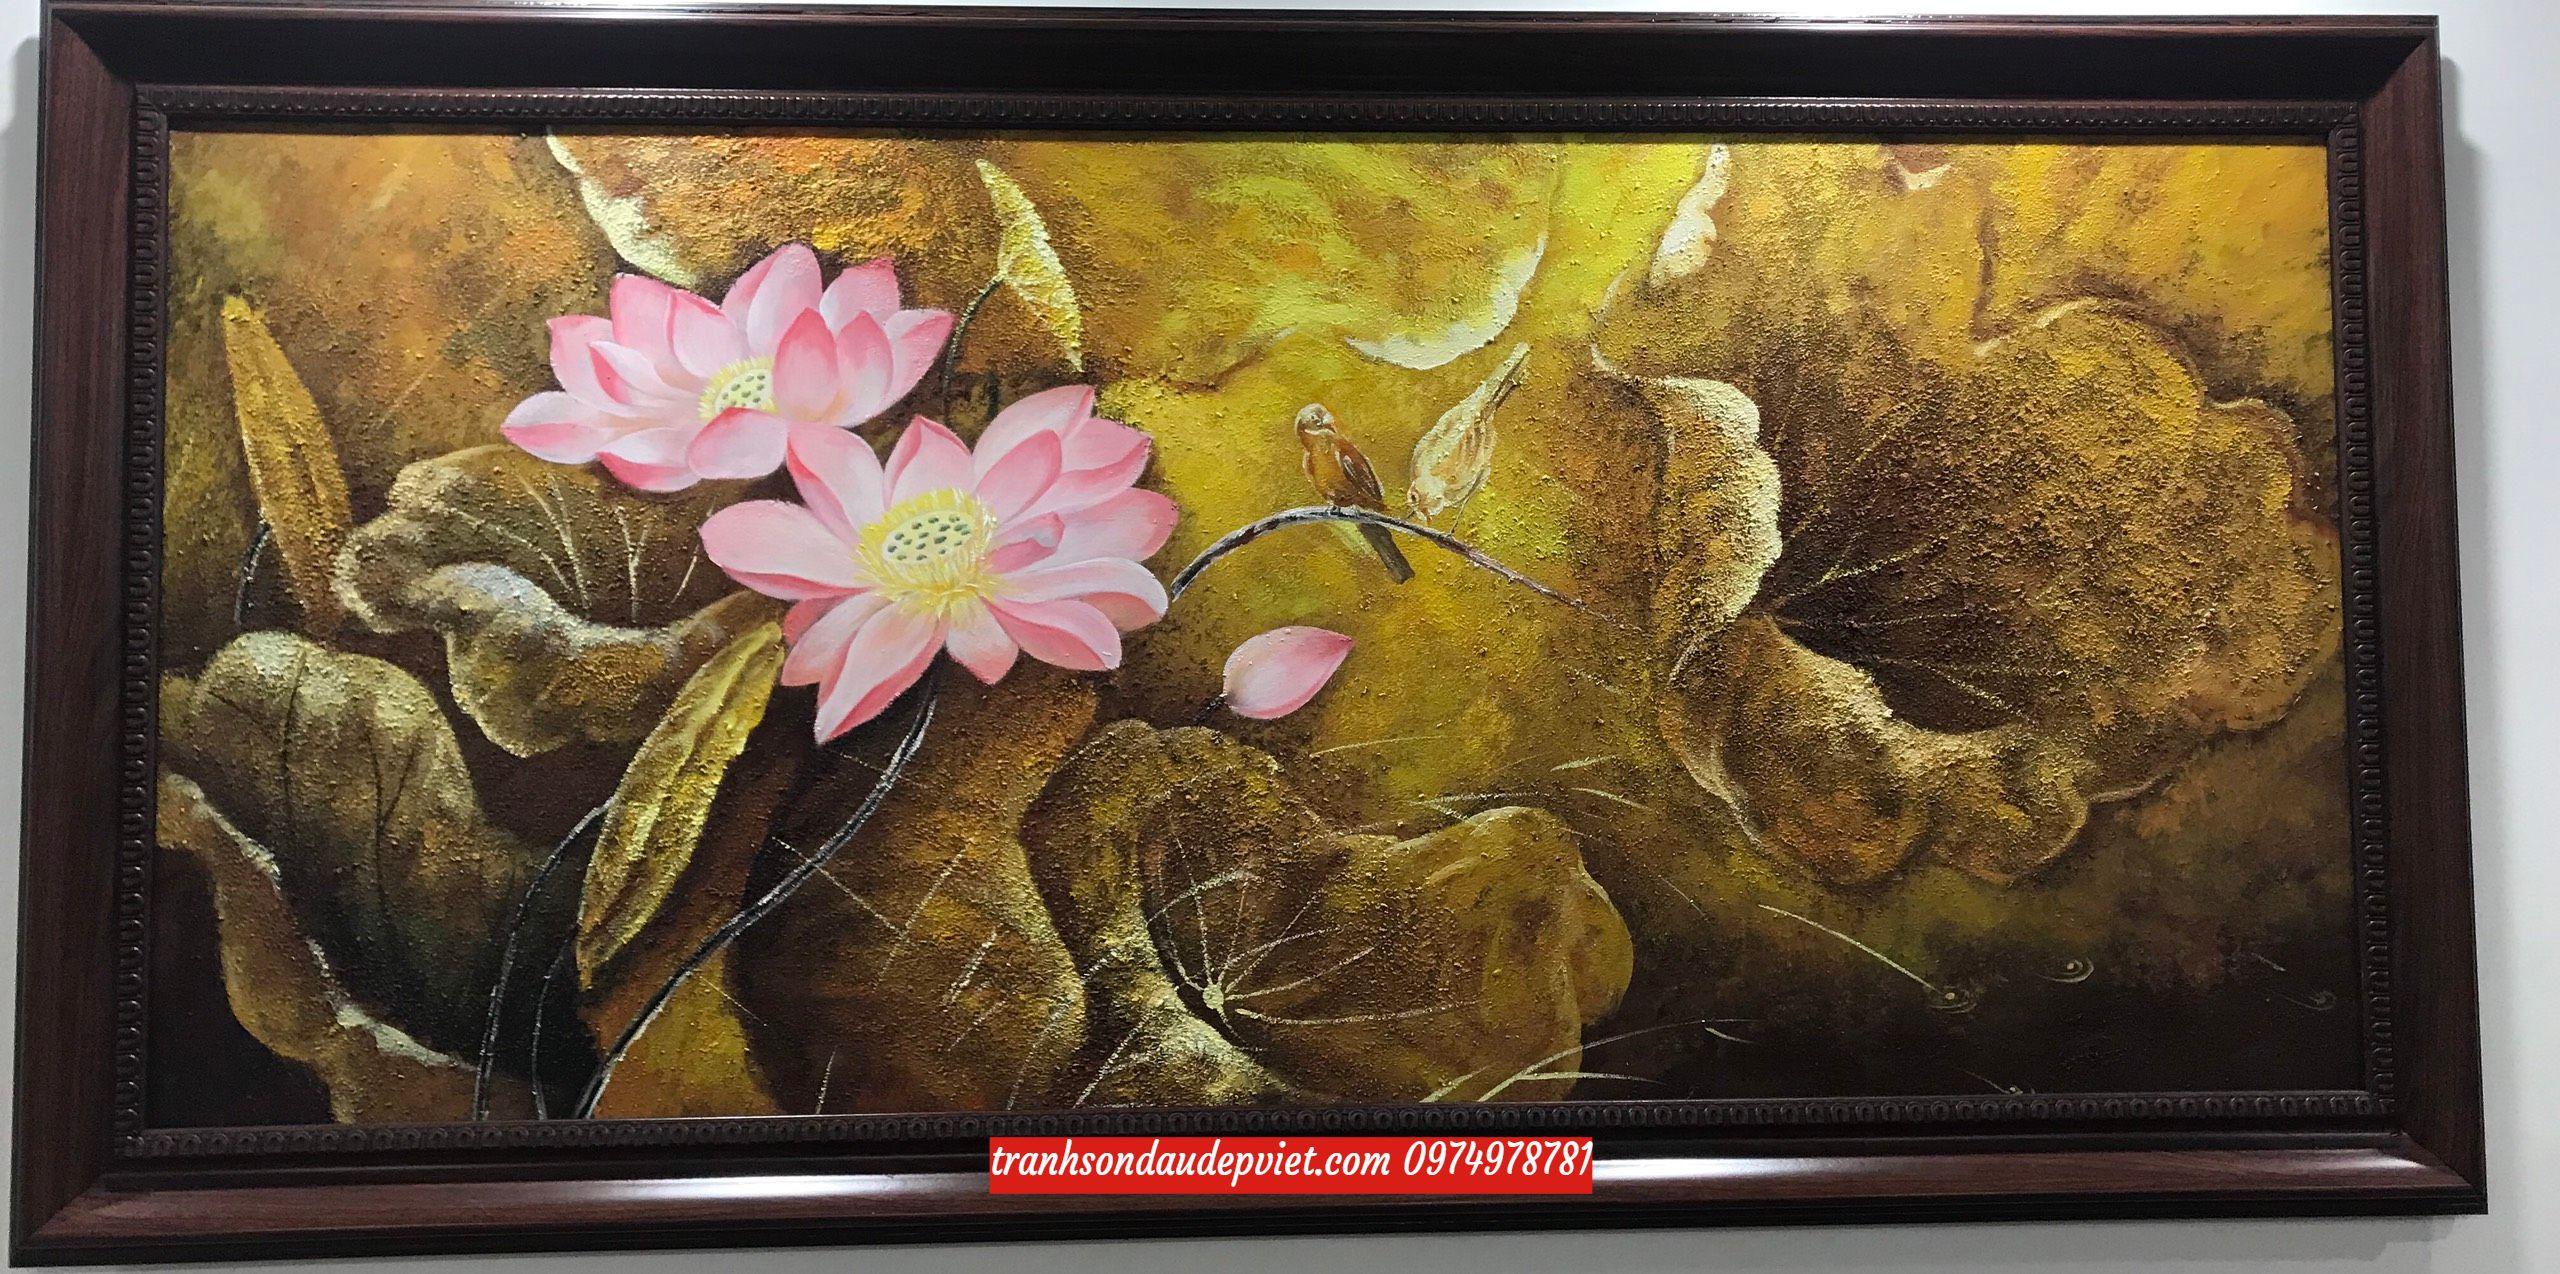 Tranh hoa sen, tranh sơn dầu hoa sen đẹp ấn tượng SB101